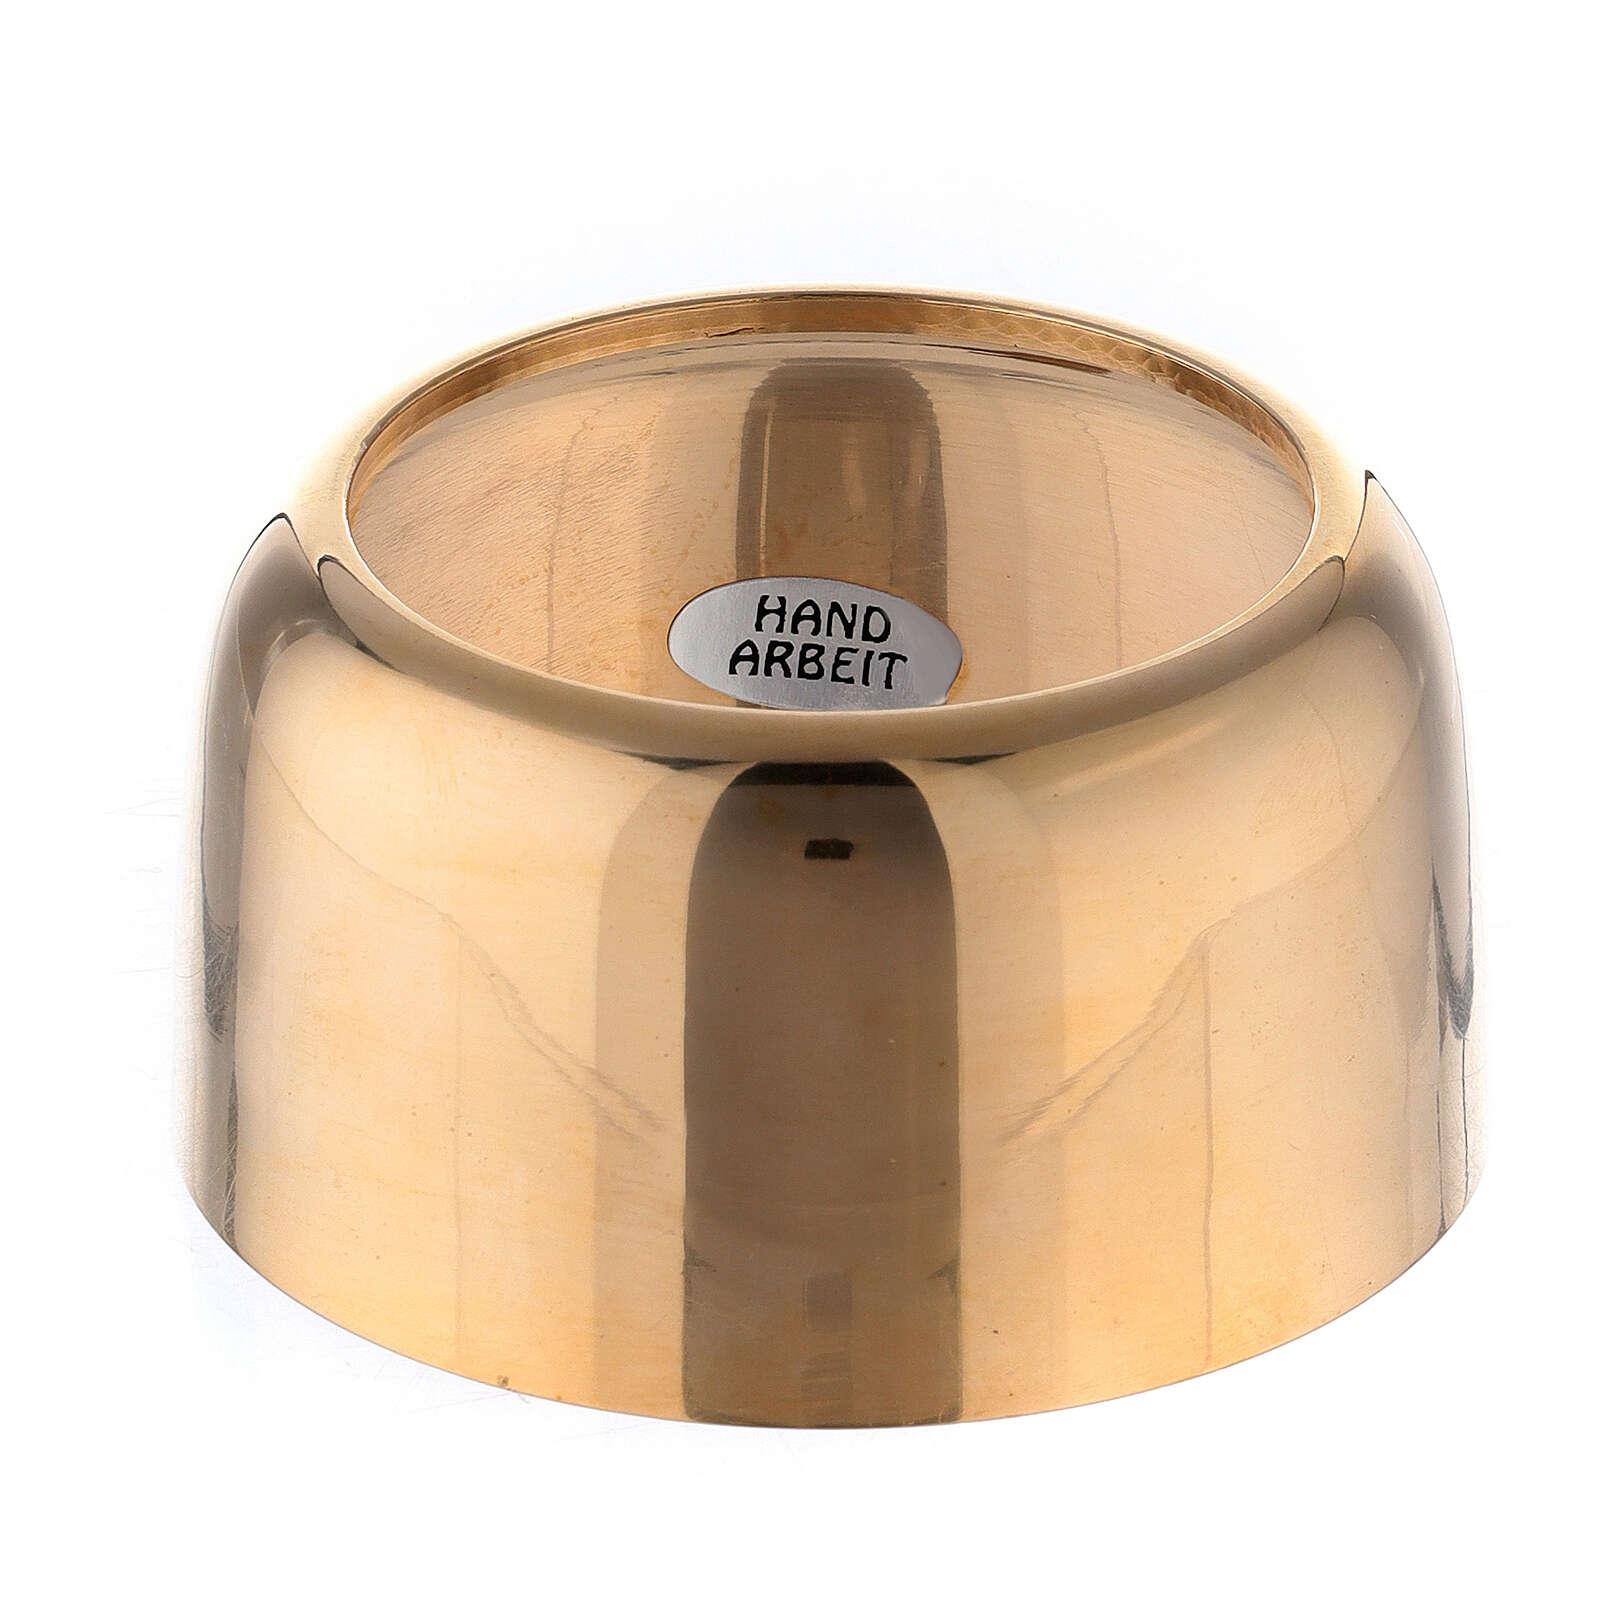 Cappa per candele ottone dorato 4 cm 4